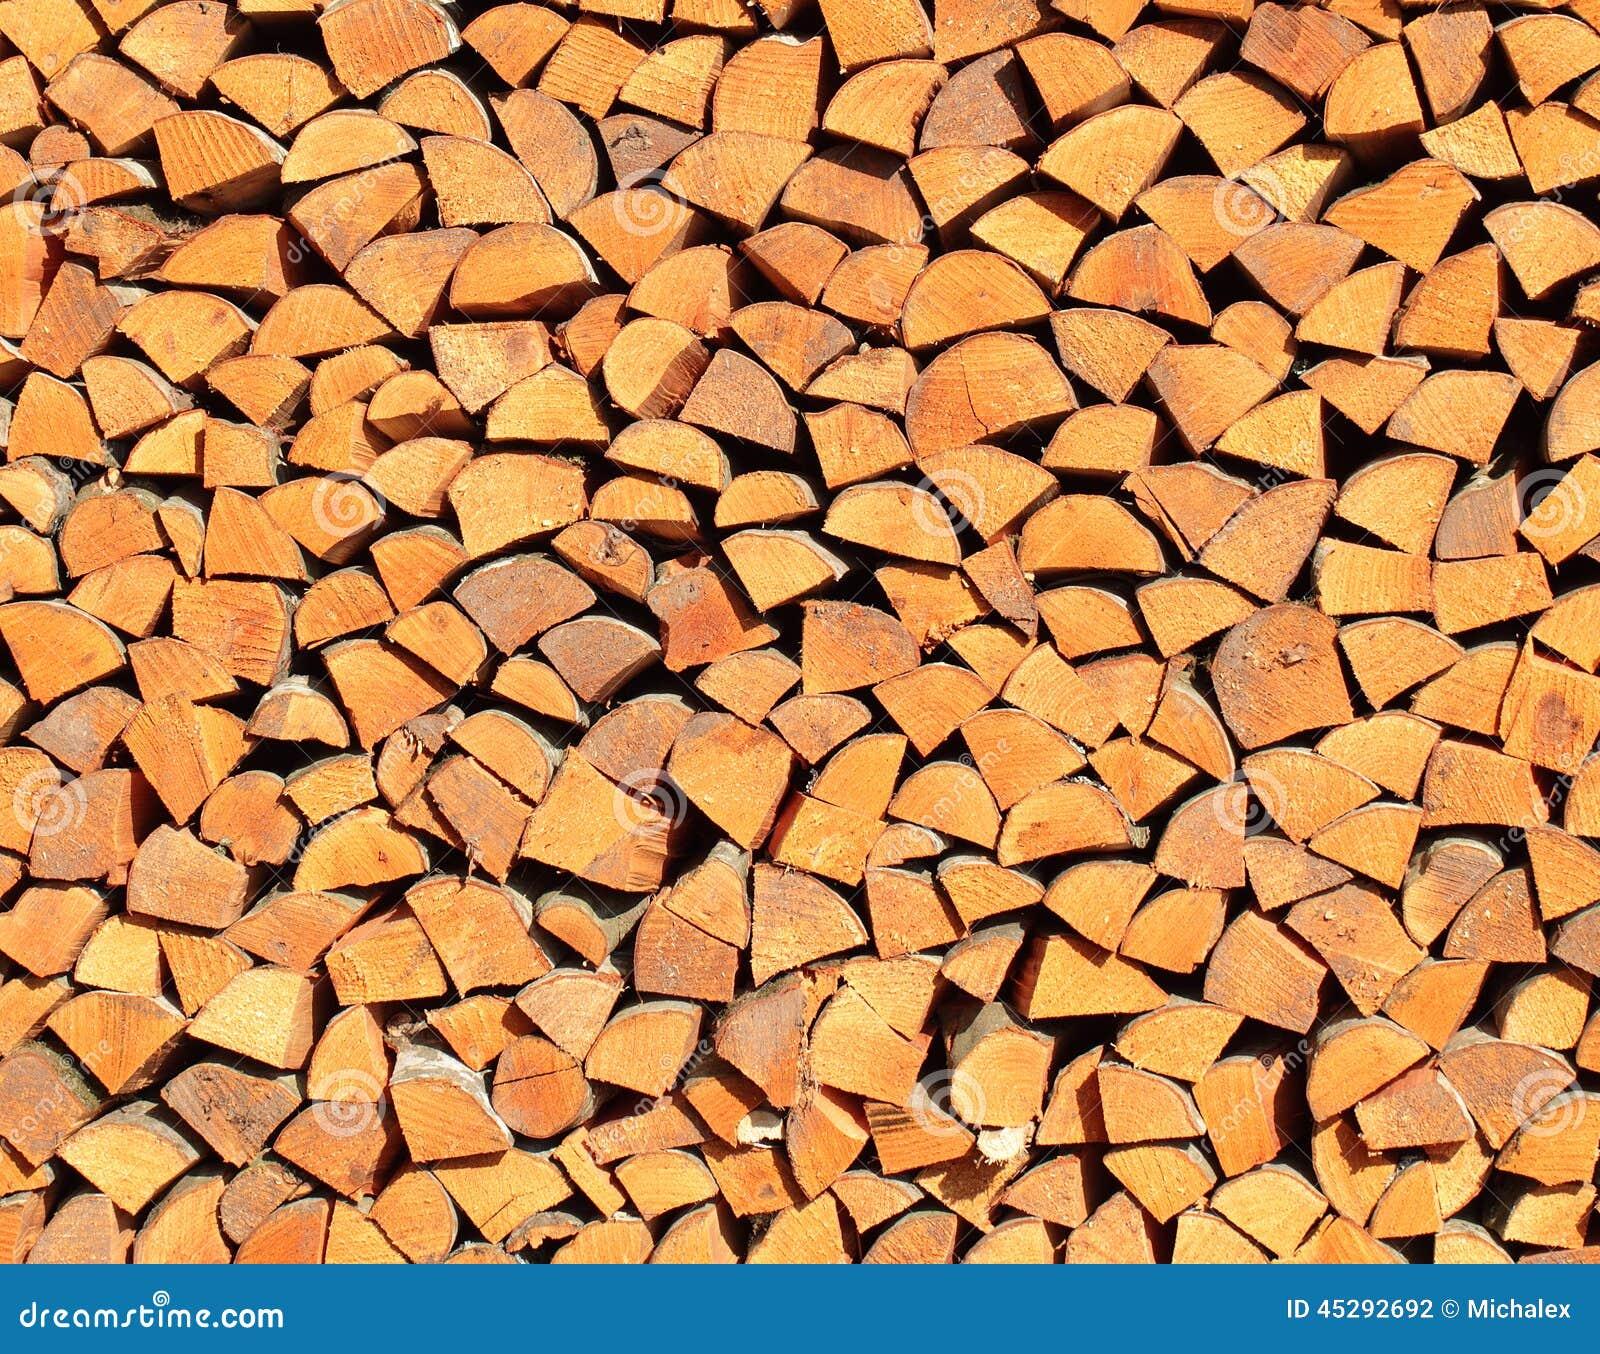 une pile de bois de chauffage de tremble photo stock image du partie rural 45292692. Black Bedroom Furniture Sets. Home Design Ideas